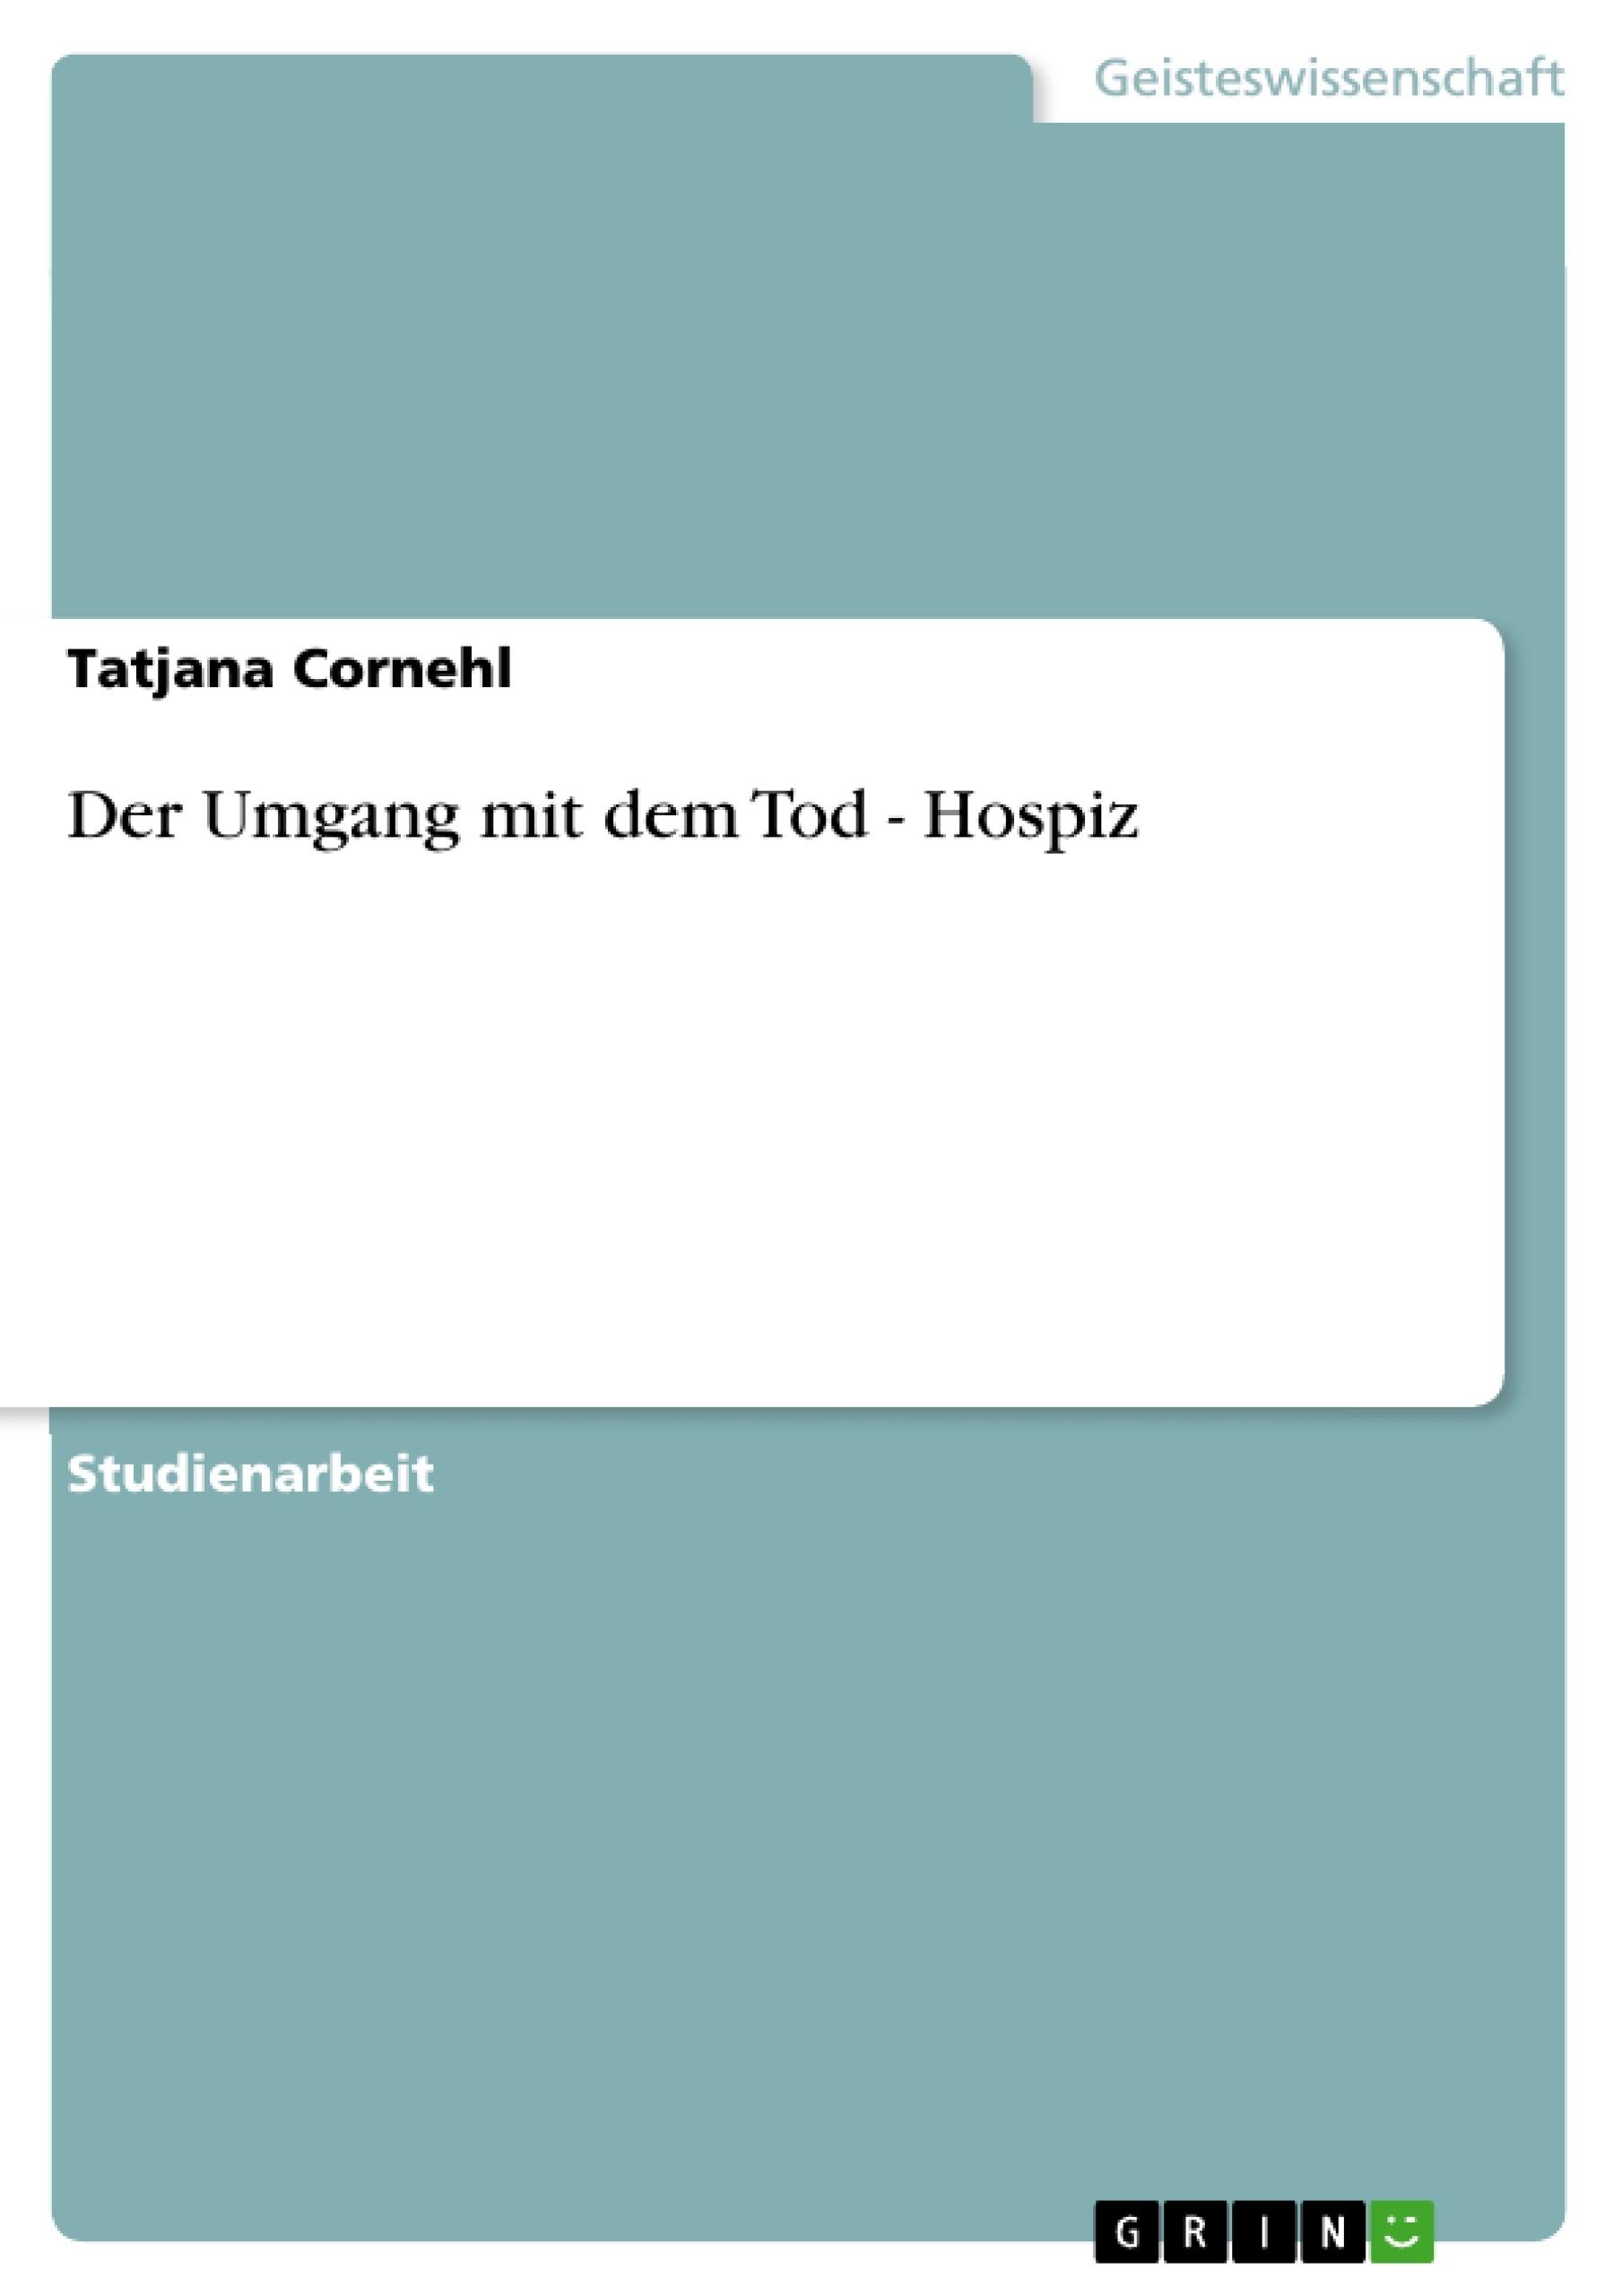 Titel: Der Umgang mit dem Tod - Hospiz